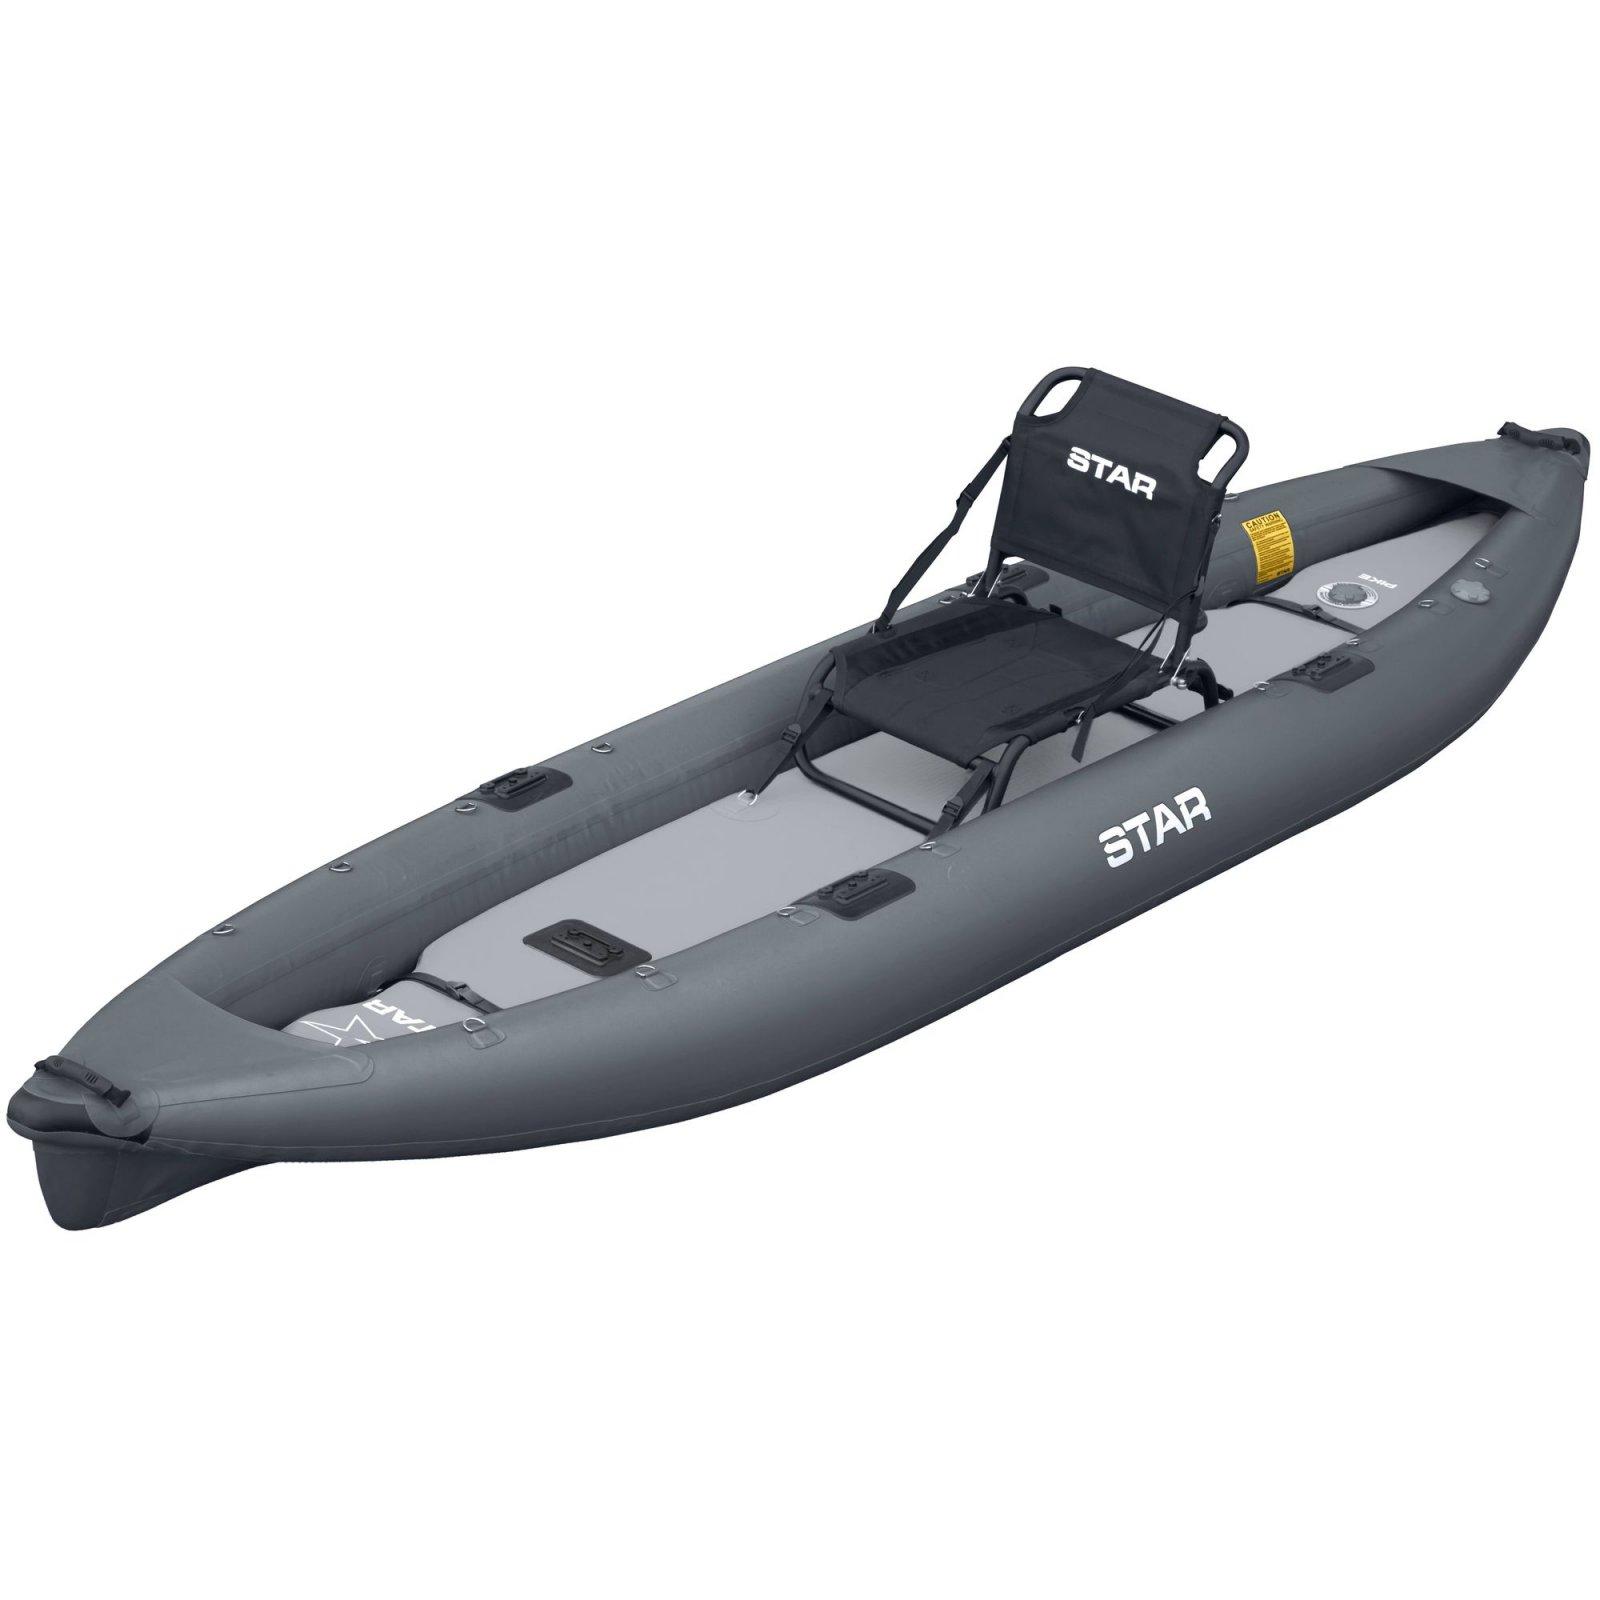 STAR Pike Inflatable Kayak